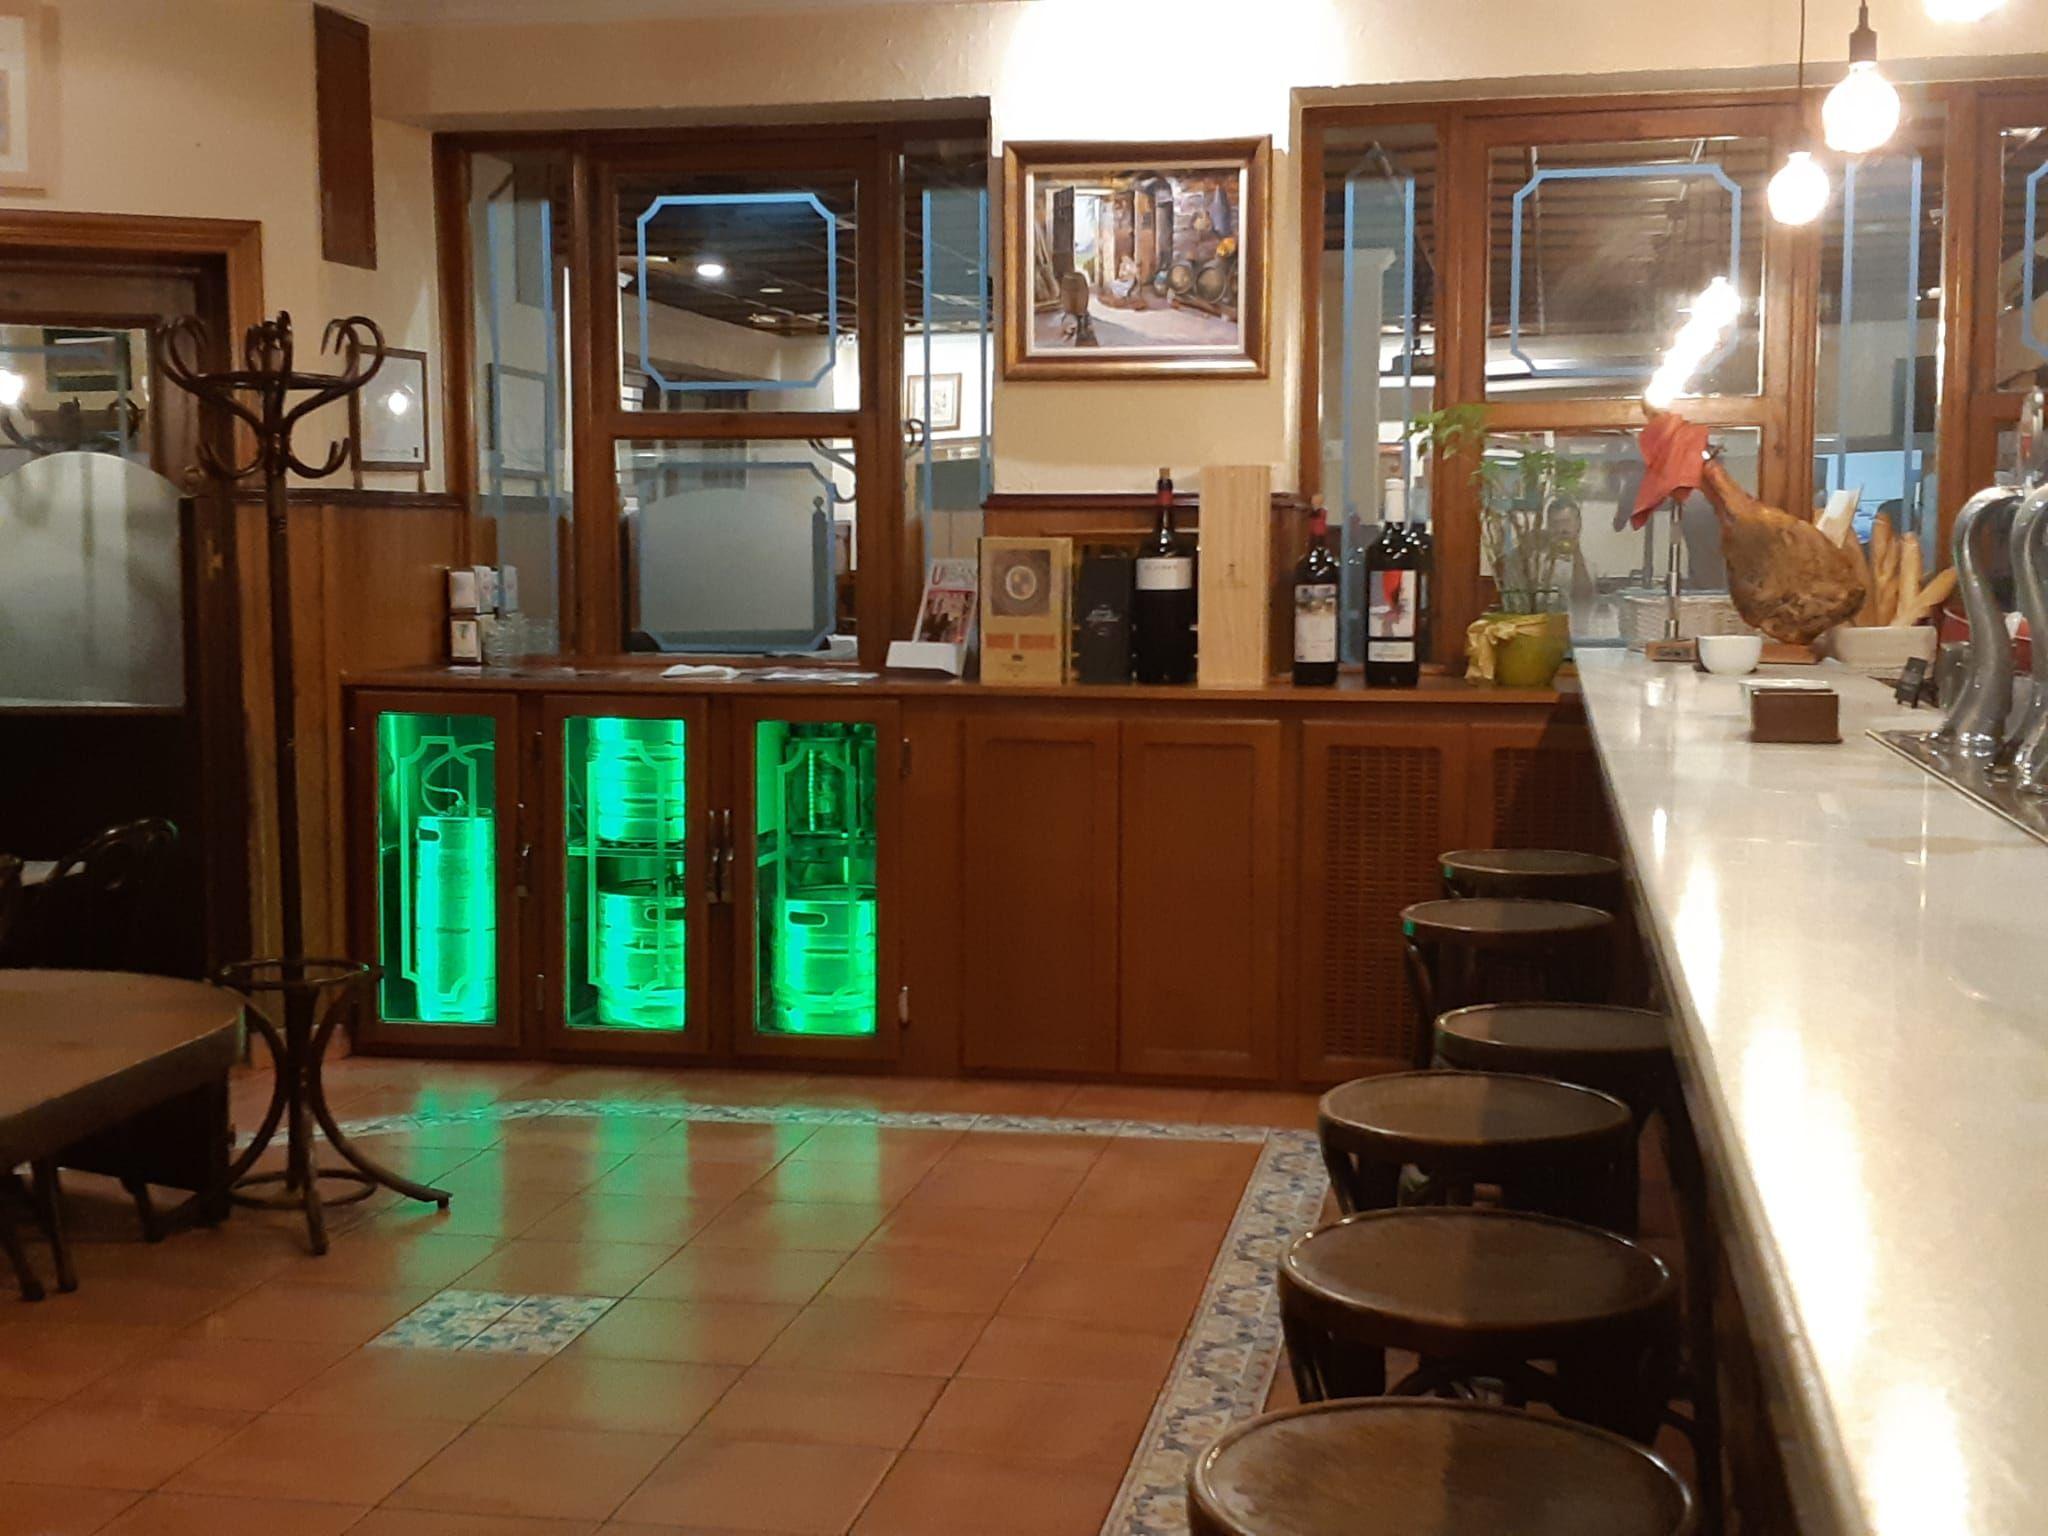 Vista del interior de la barra - La Manduca, Guadalajara